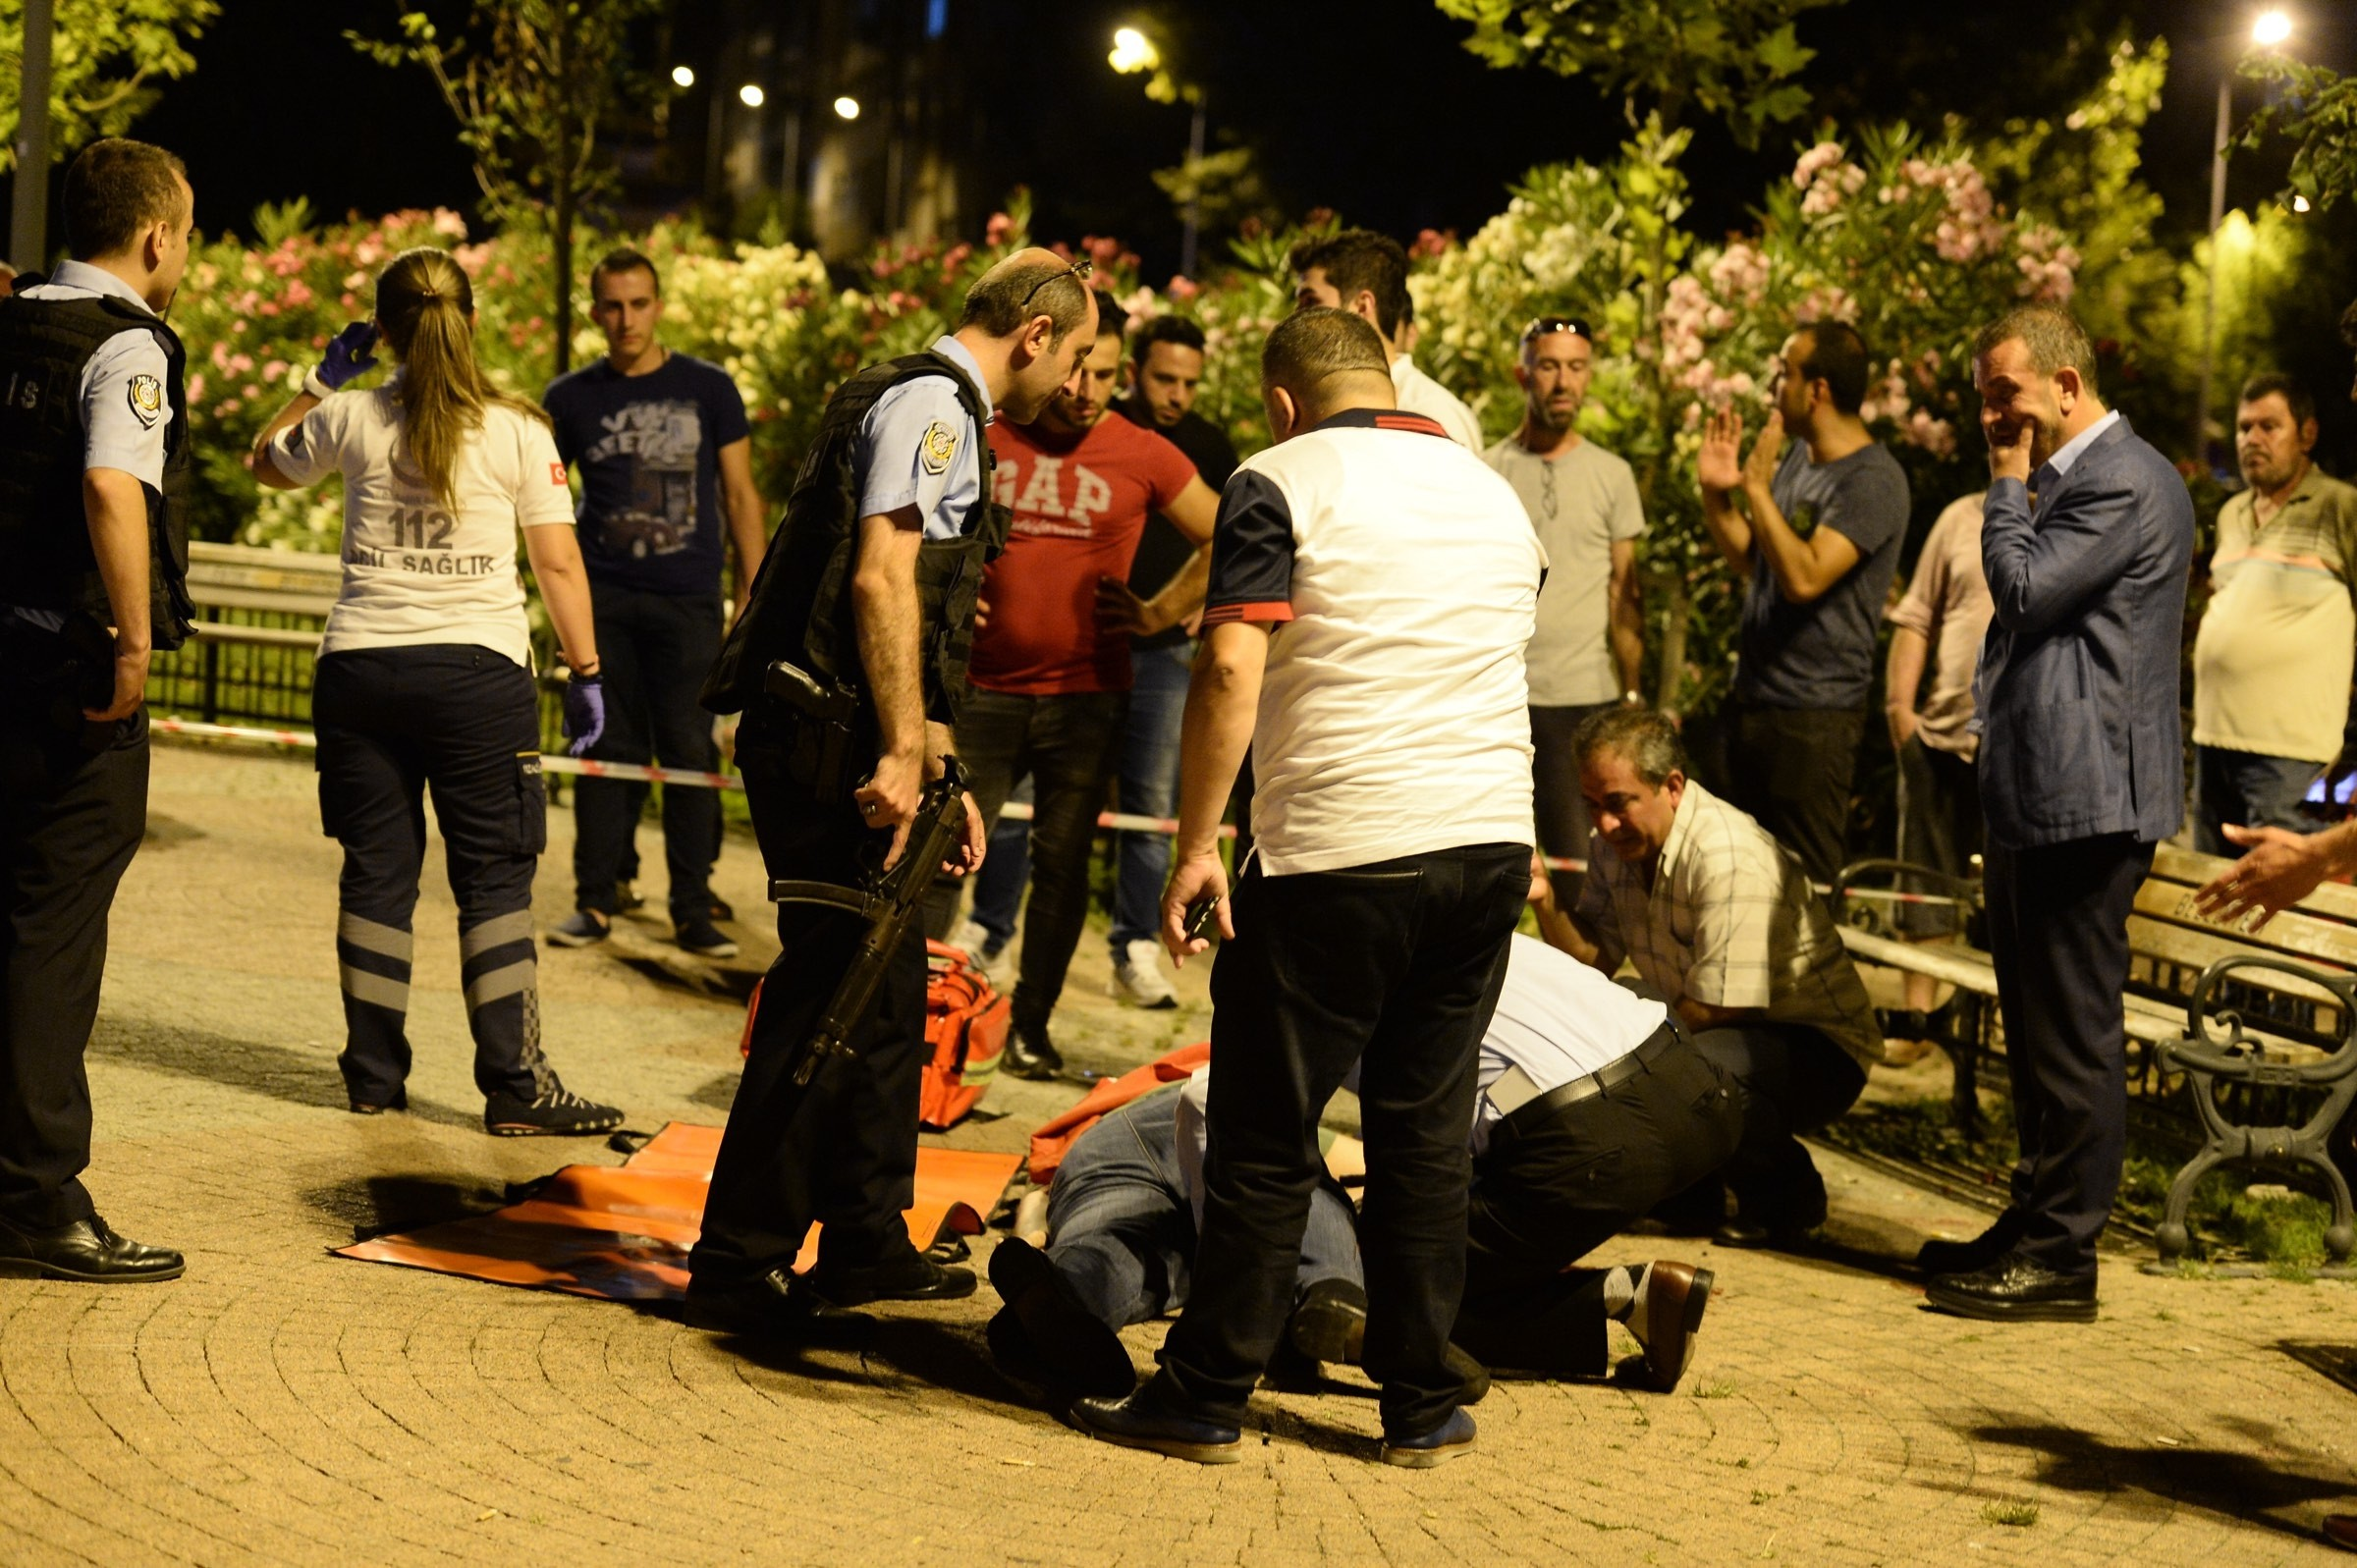 İstanbul'da bir kişi vurularak hayatını kaybetti